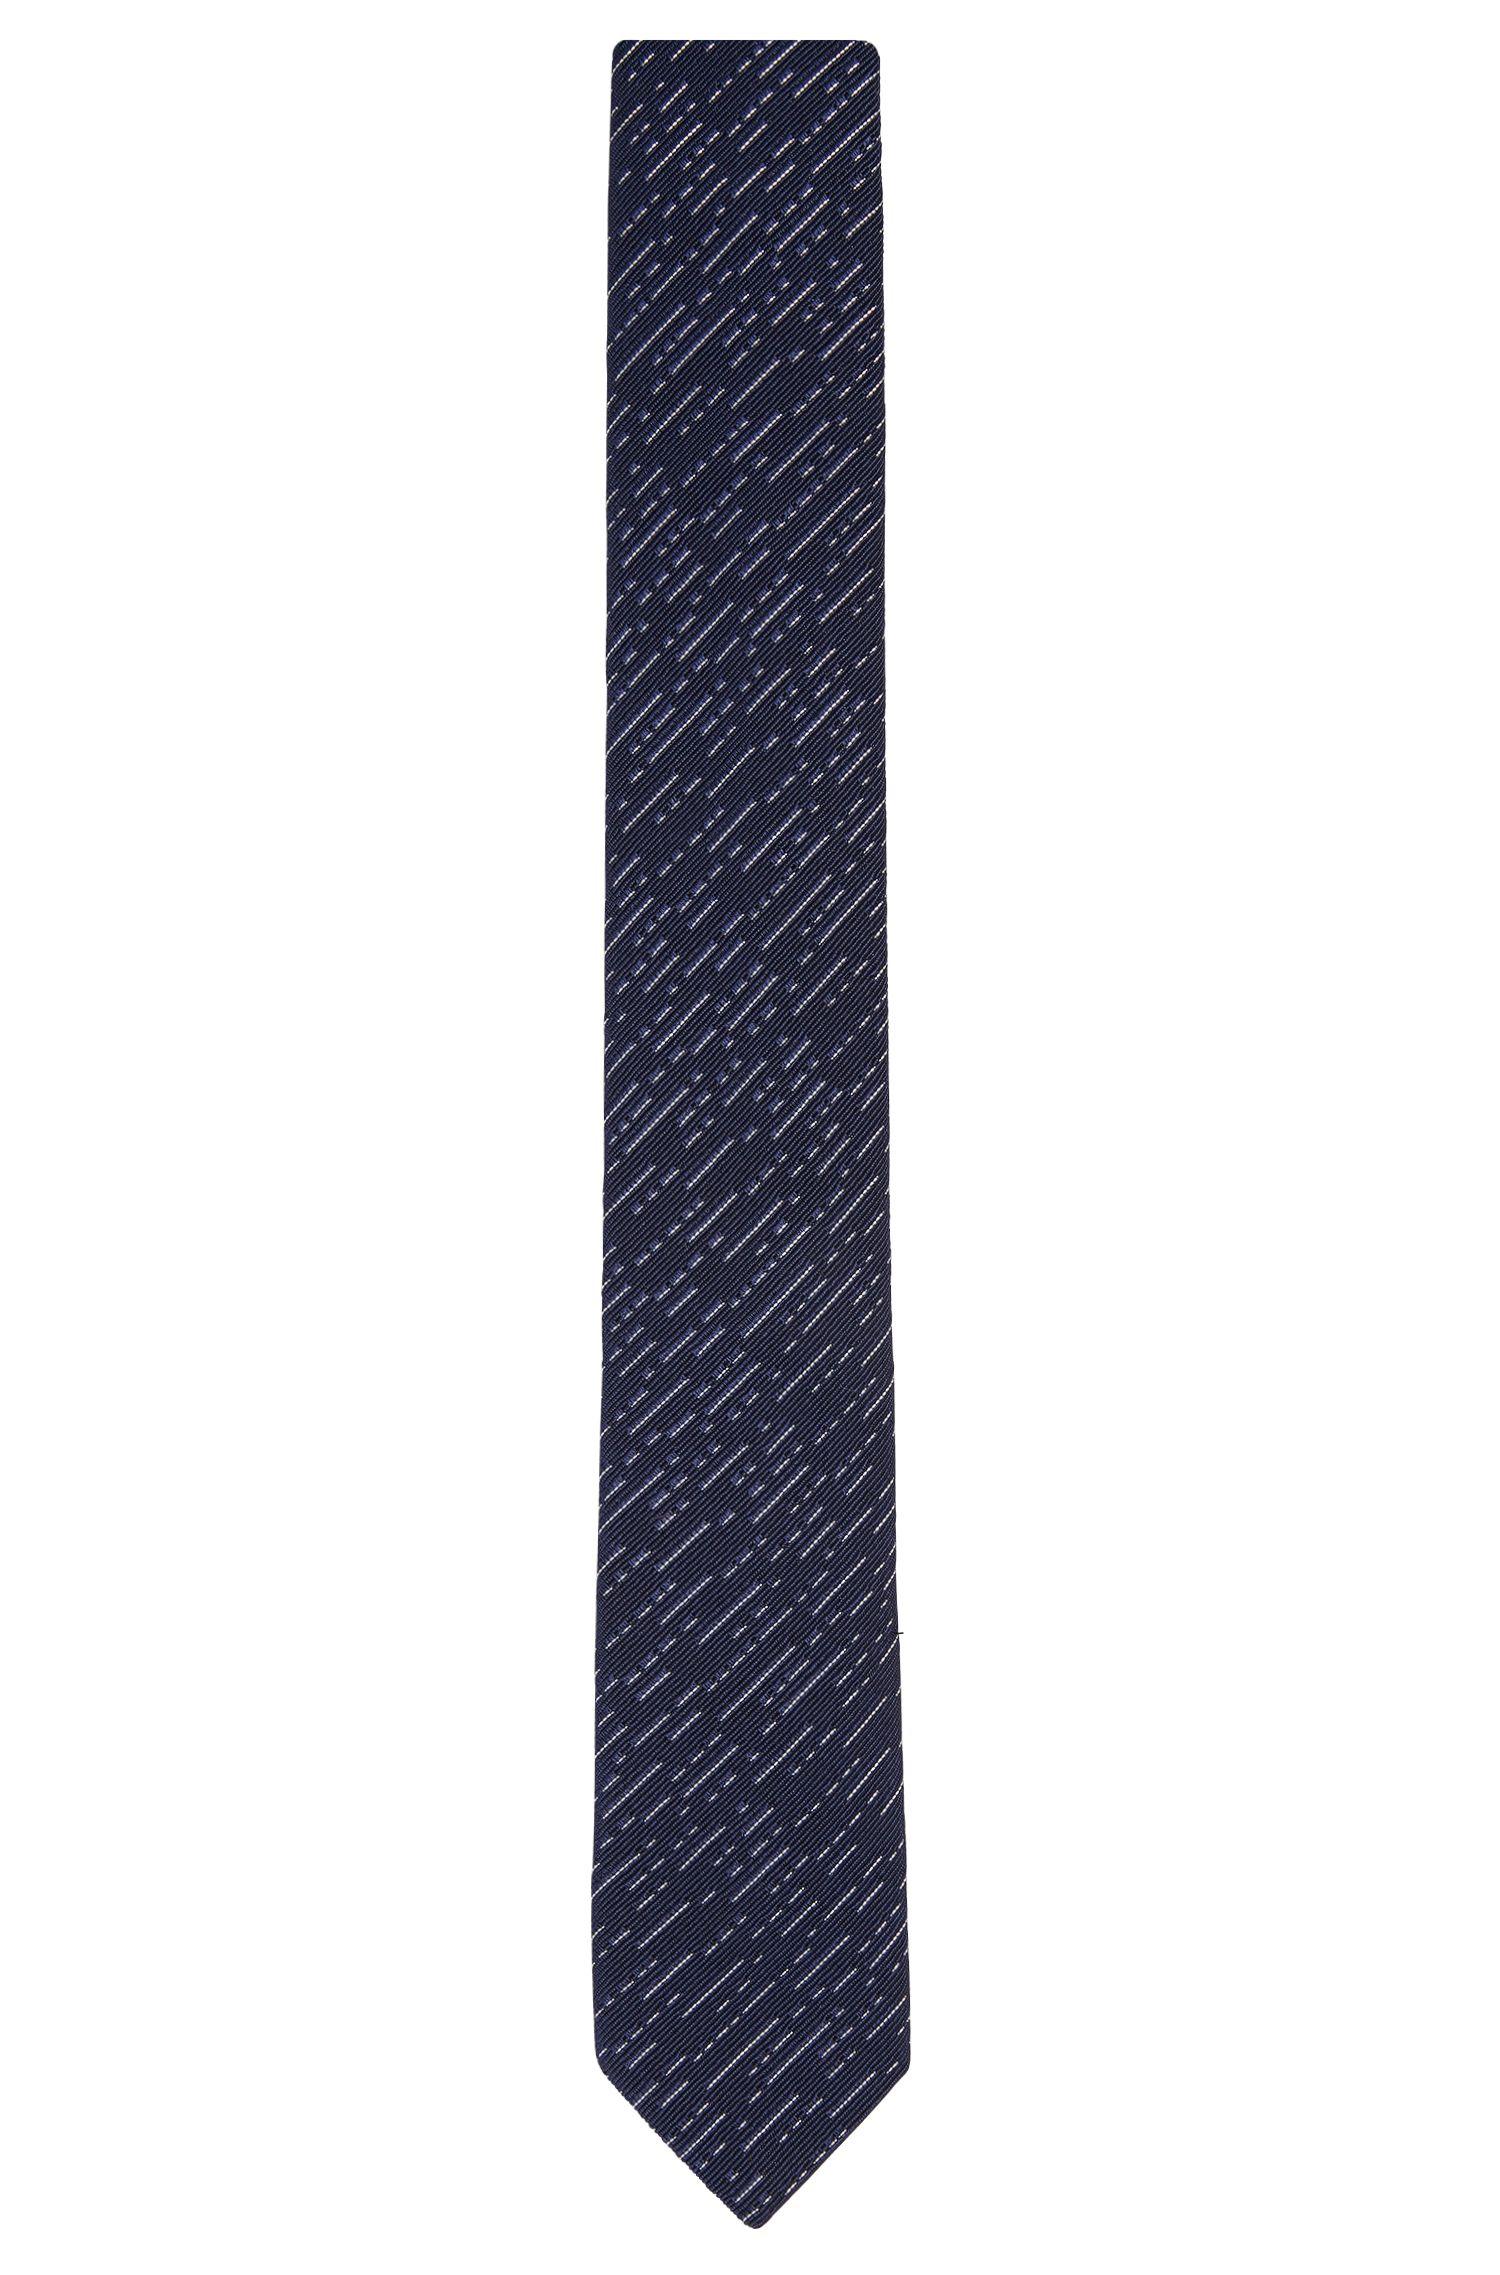 Gemusterte Krawatte aus Baumwoll-Mix mit Seide: 'Tie cm 6'